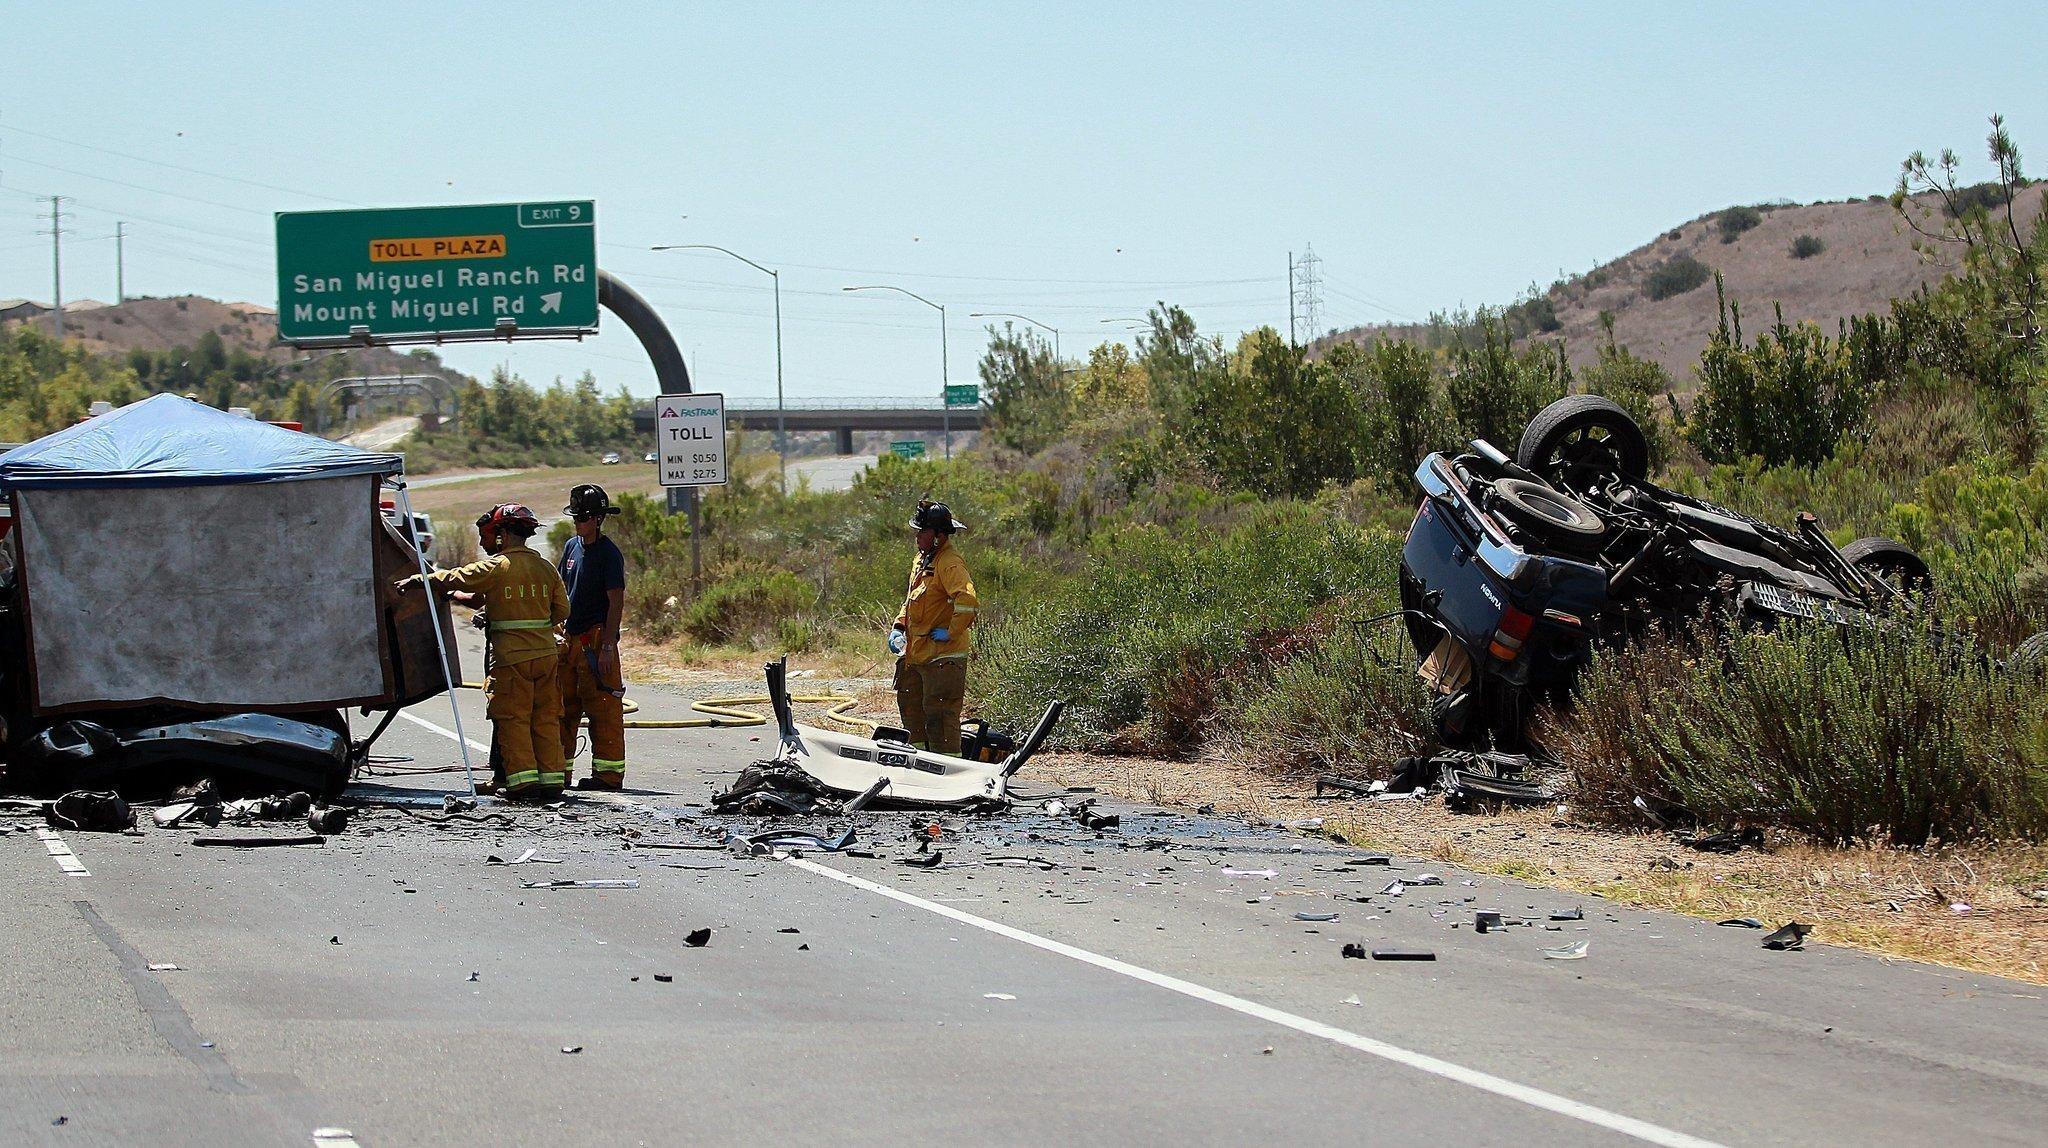 Chevrolet Suburban San Diego >> 2 La Mesa women killed in SR-125 crash - The San Diego Union-Tribune